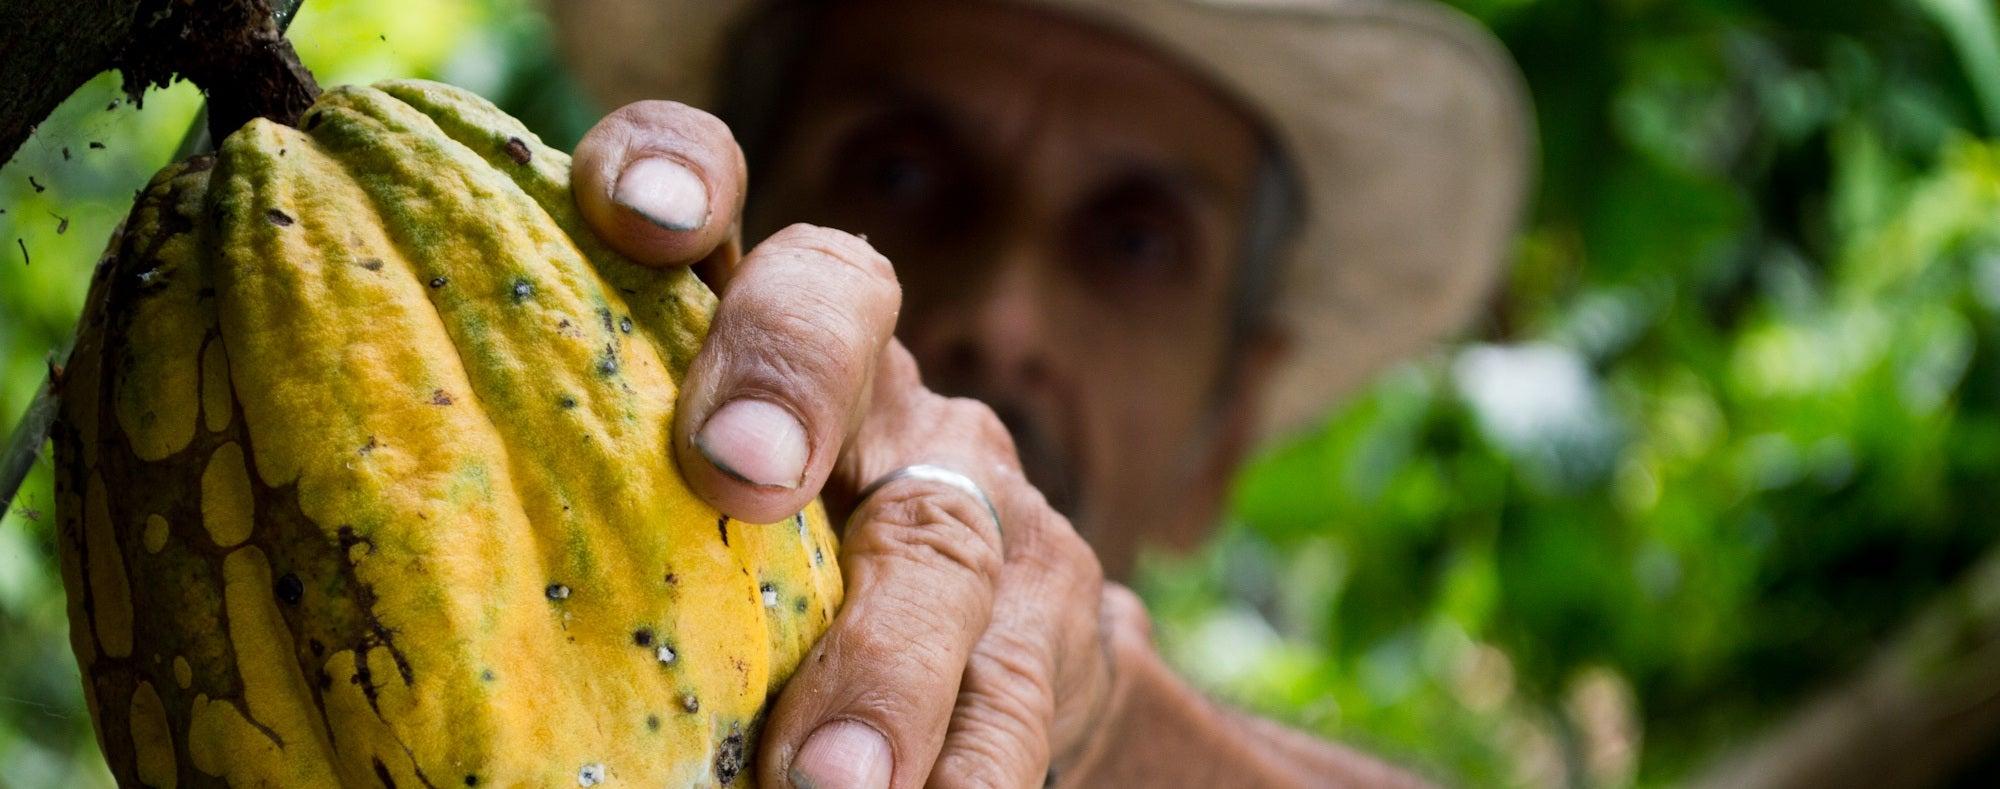 Agricultor, haba de cacao